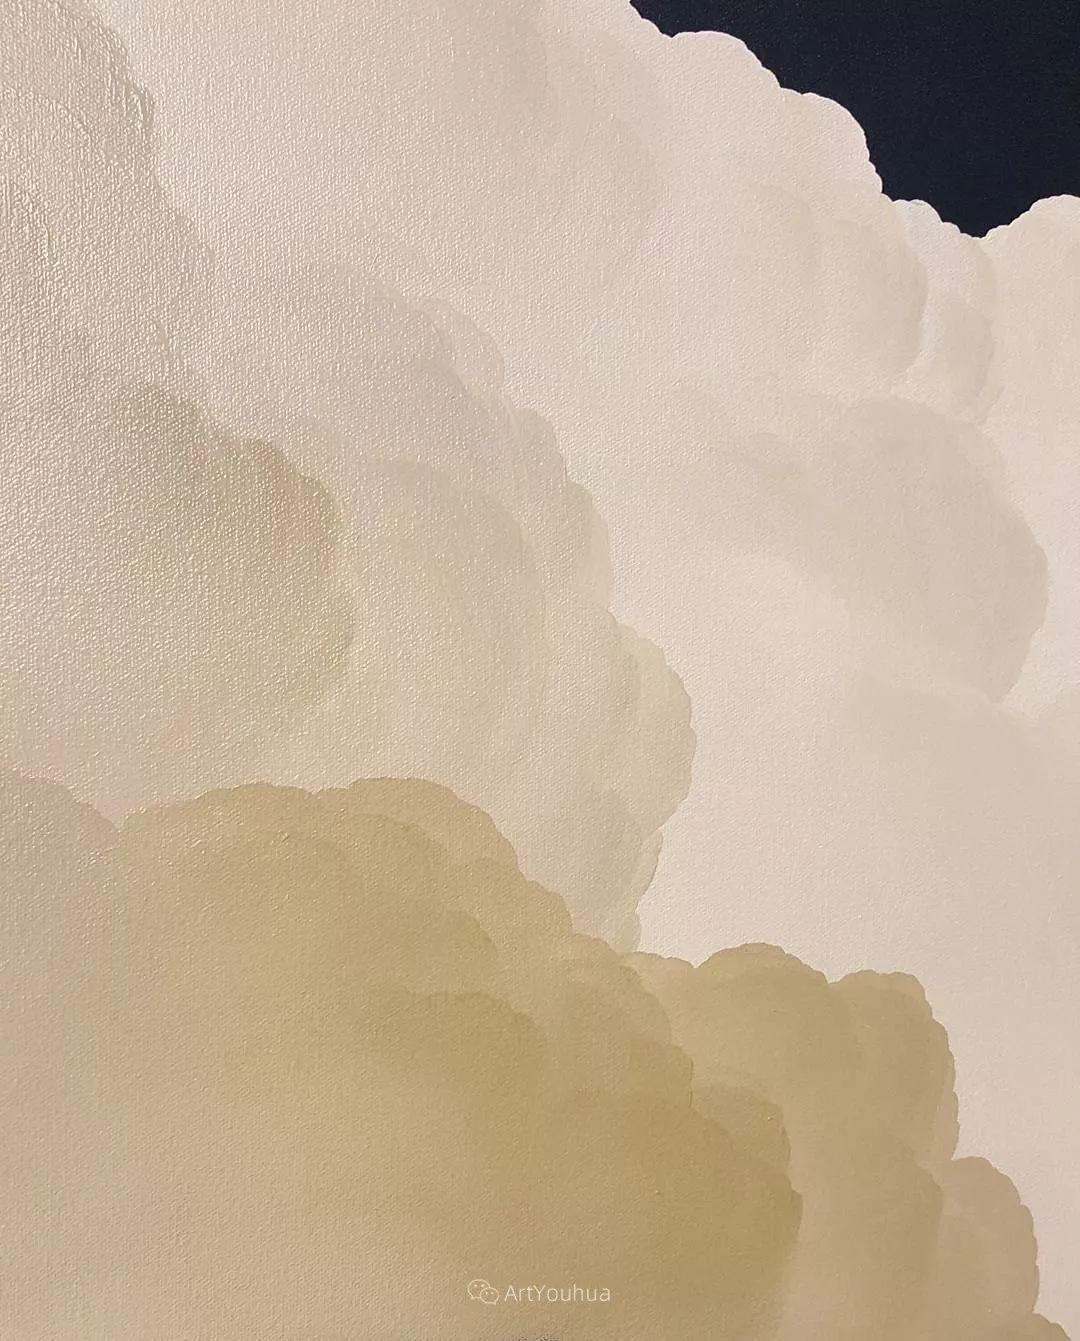 天空,是充满神秘的灵感,十年执着于画一朵云——伊恩·费舍尔插图23